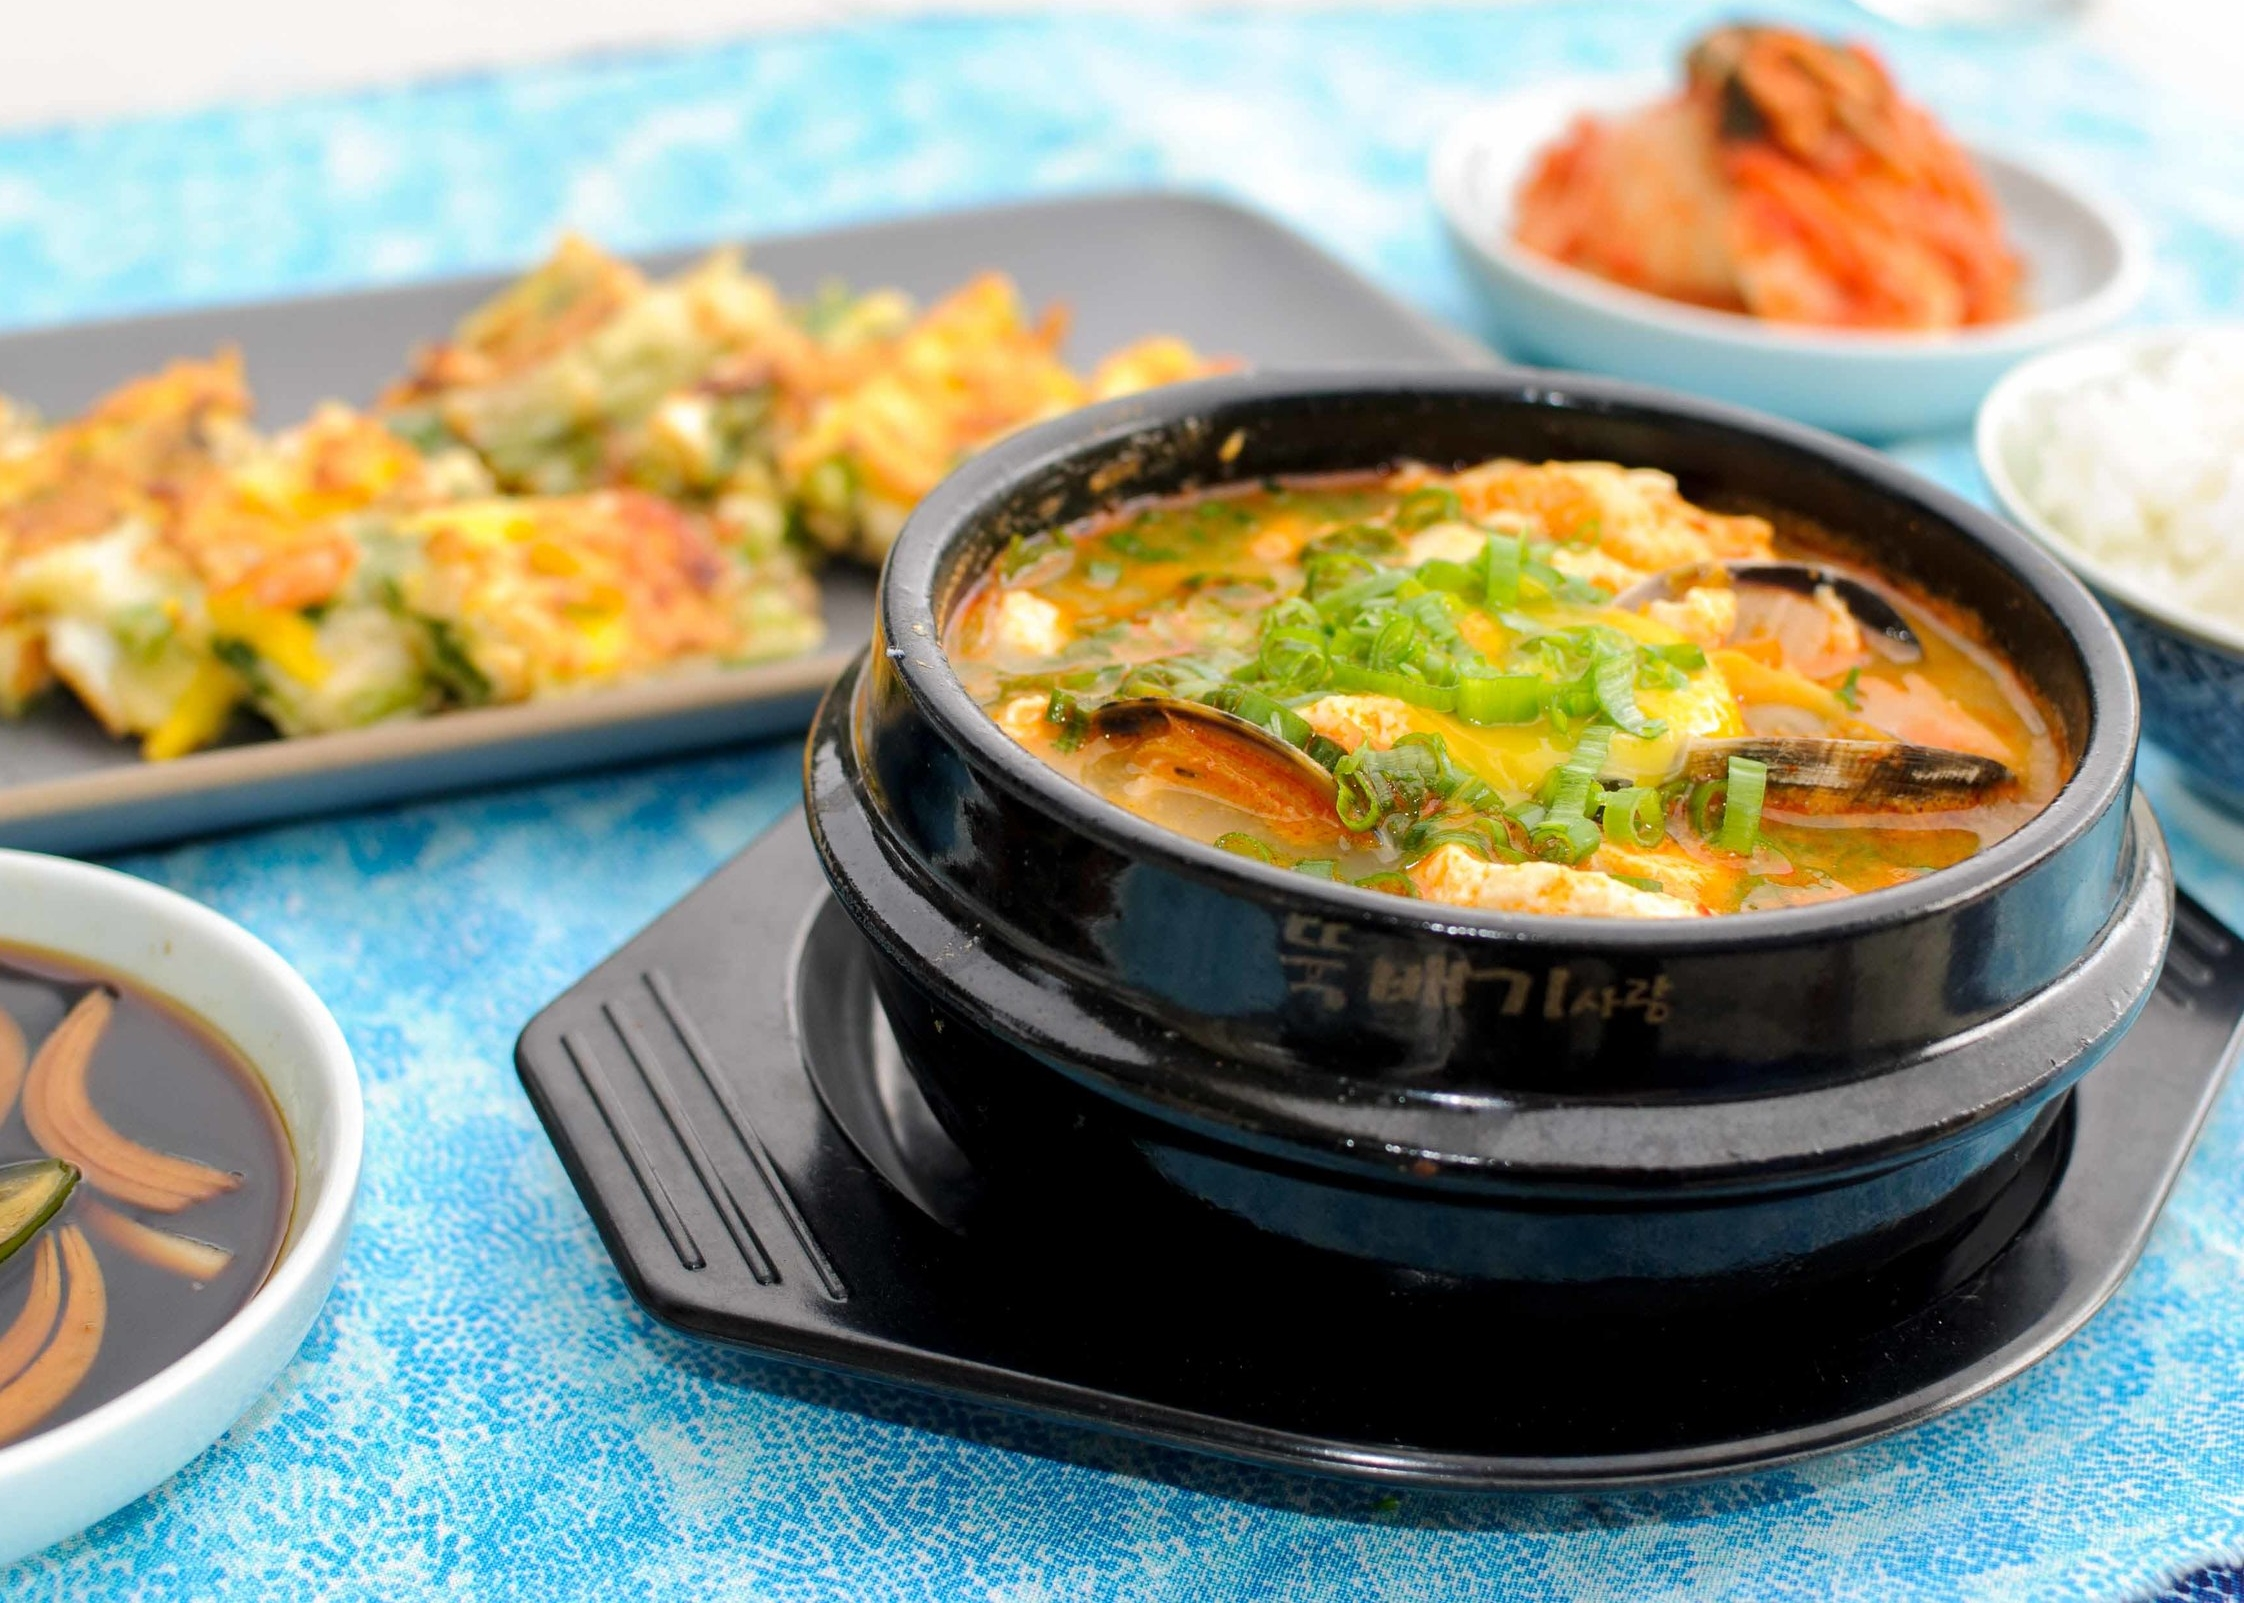 Korean Soft Tofu Stew (Soondoobu Jjigae)